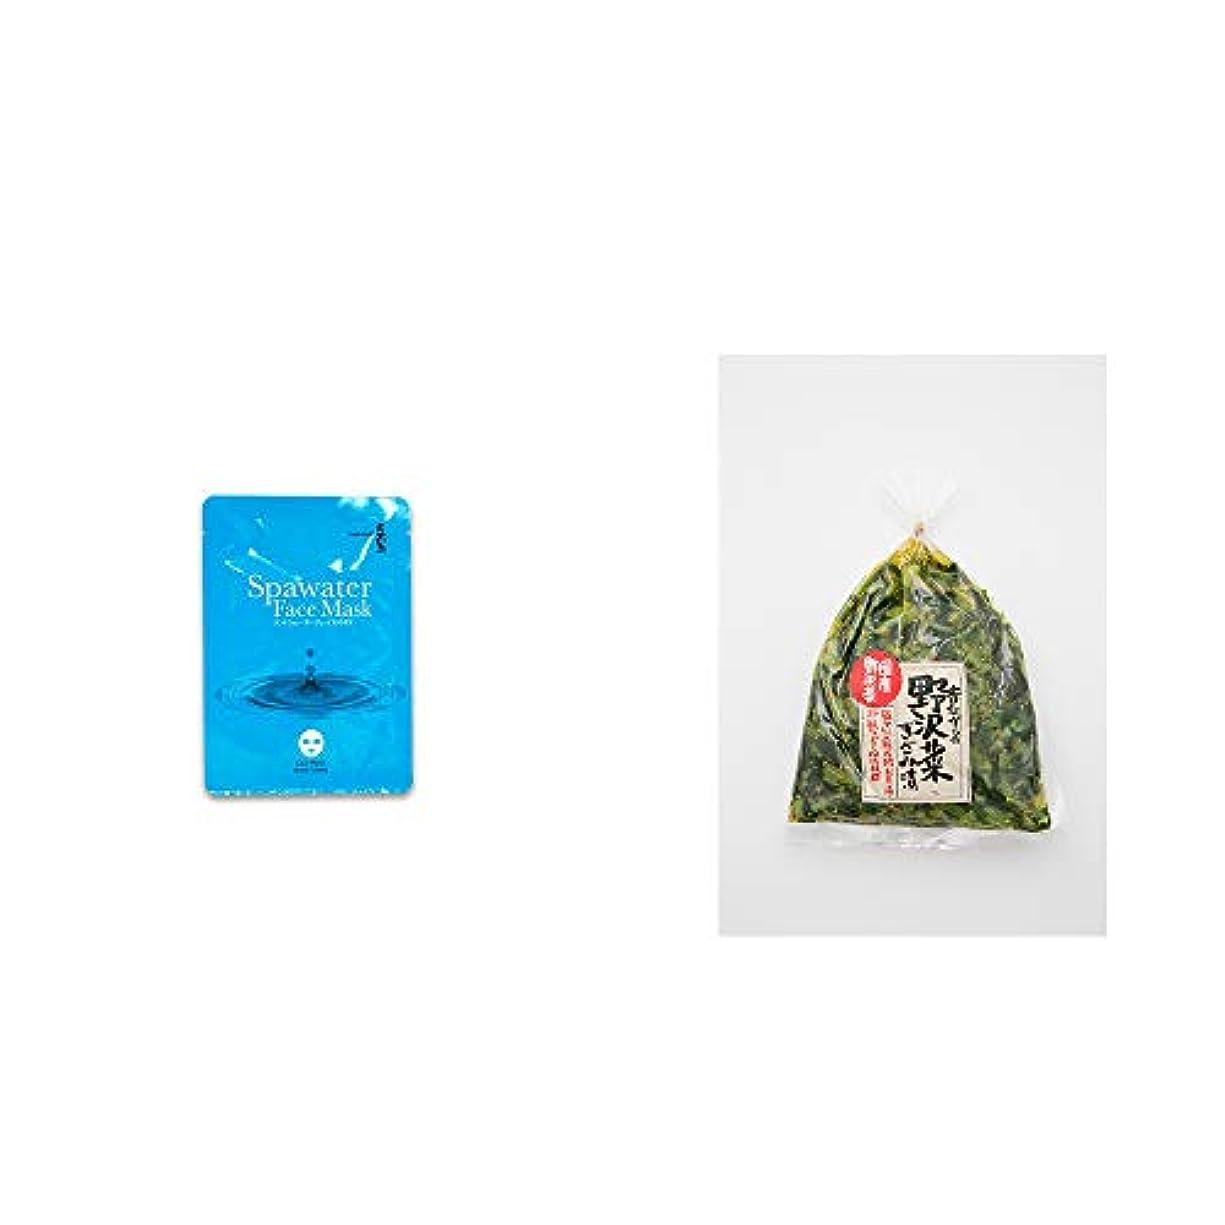 報酬の麺衛星[2点セット] ひのき炭黒泉 スパウォーターフェイスマスク(18ml×3枚入)?国産 昔ながらの野沢菜きざみ漬け(150g)